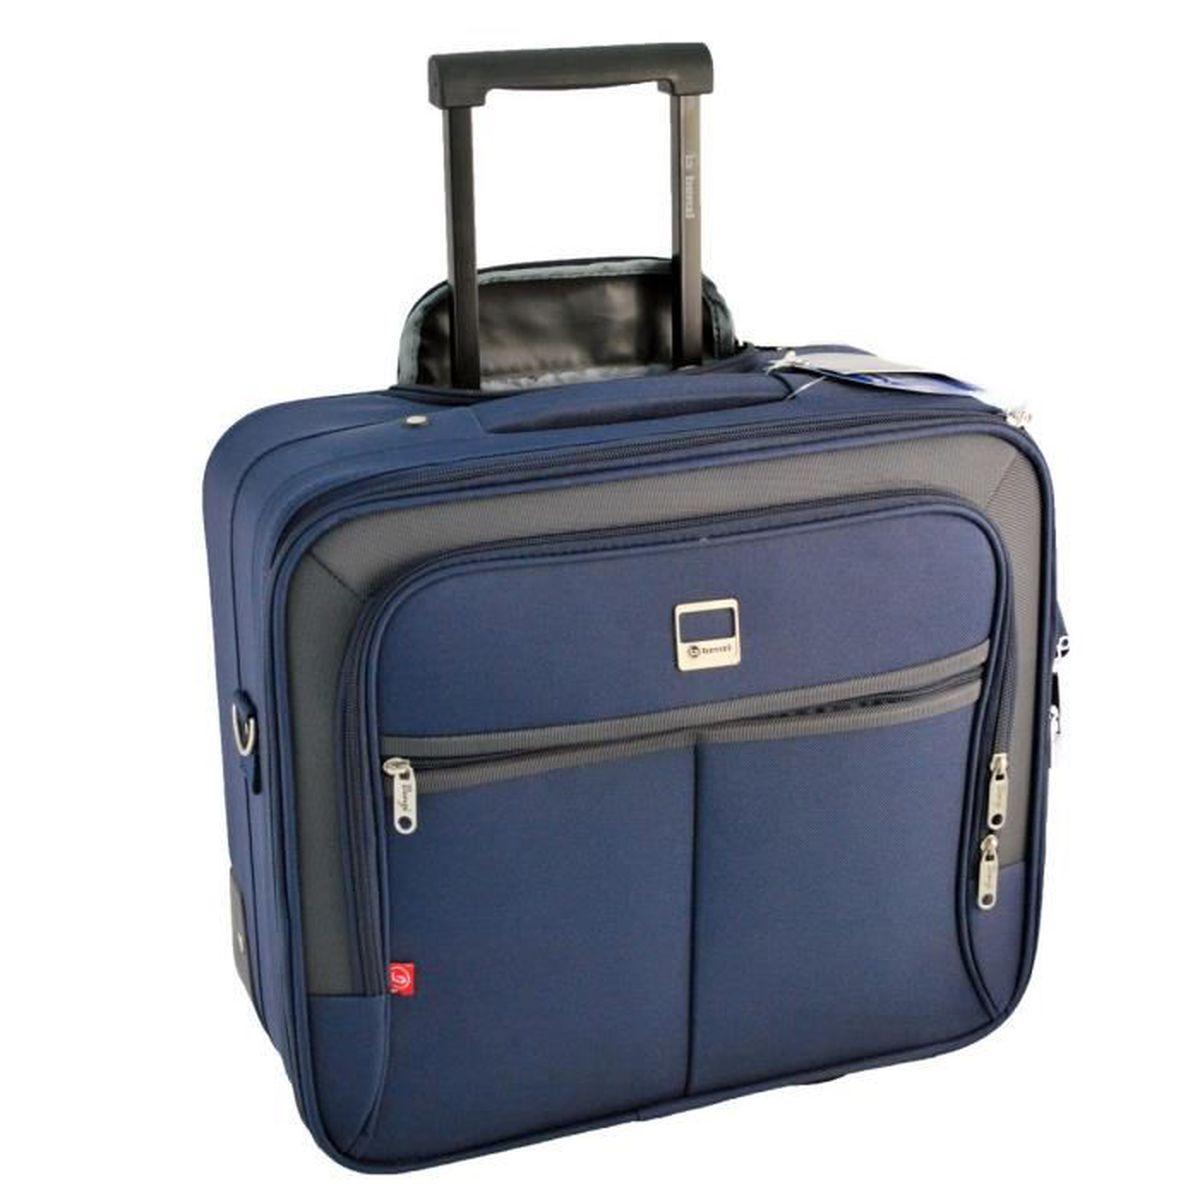 pilot case trolley bleu marine valise pour ordinateur bleu bleu achat vente valise. Black Bedroom Furniture Sets. Home Design Ideas